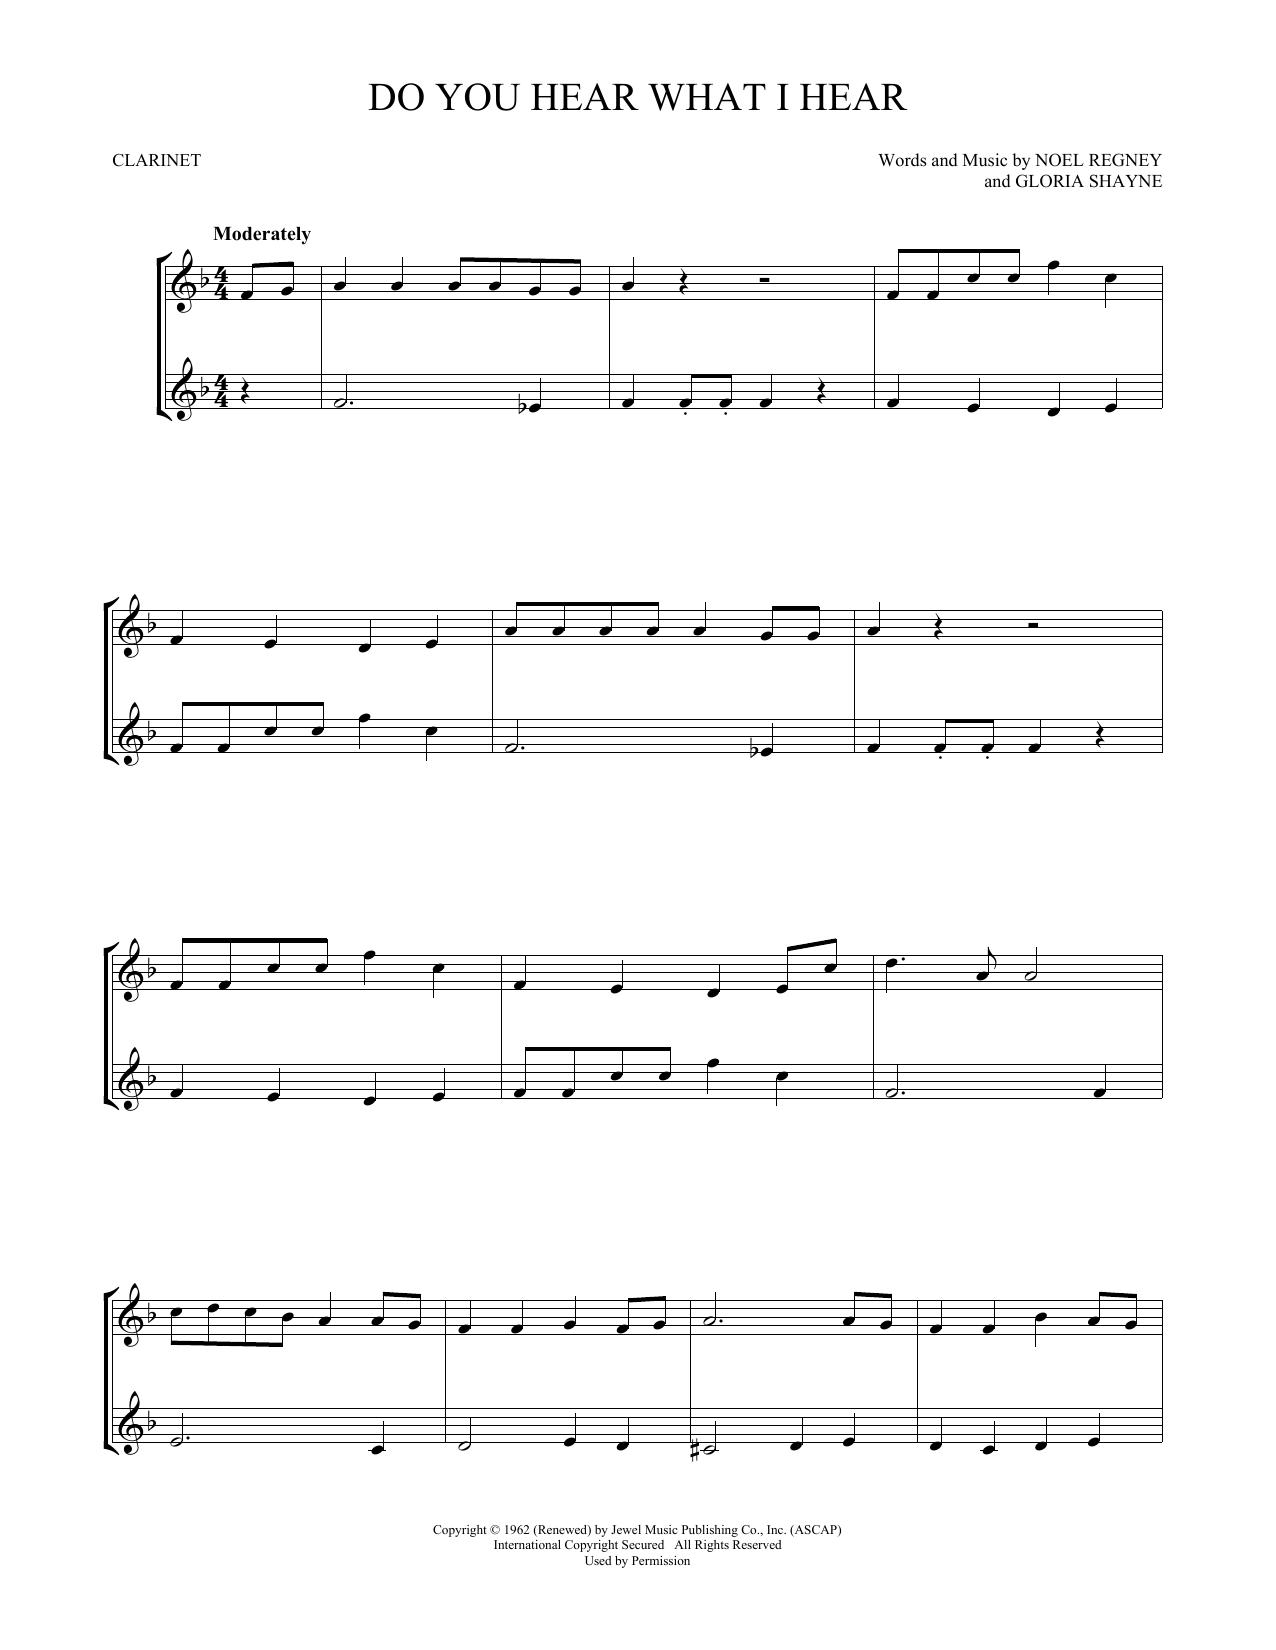 Do You Hear What I Hear (Clarinet Duet)